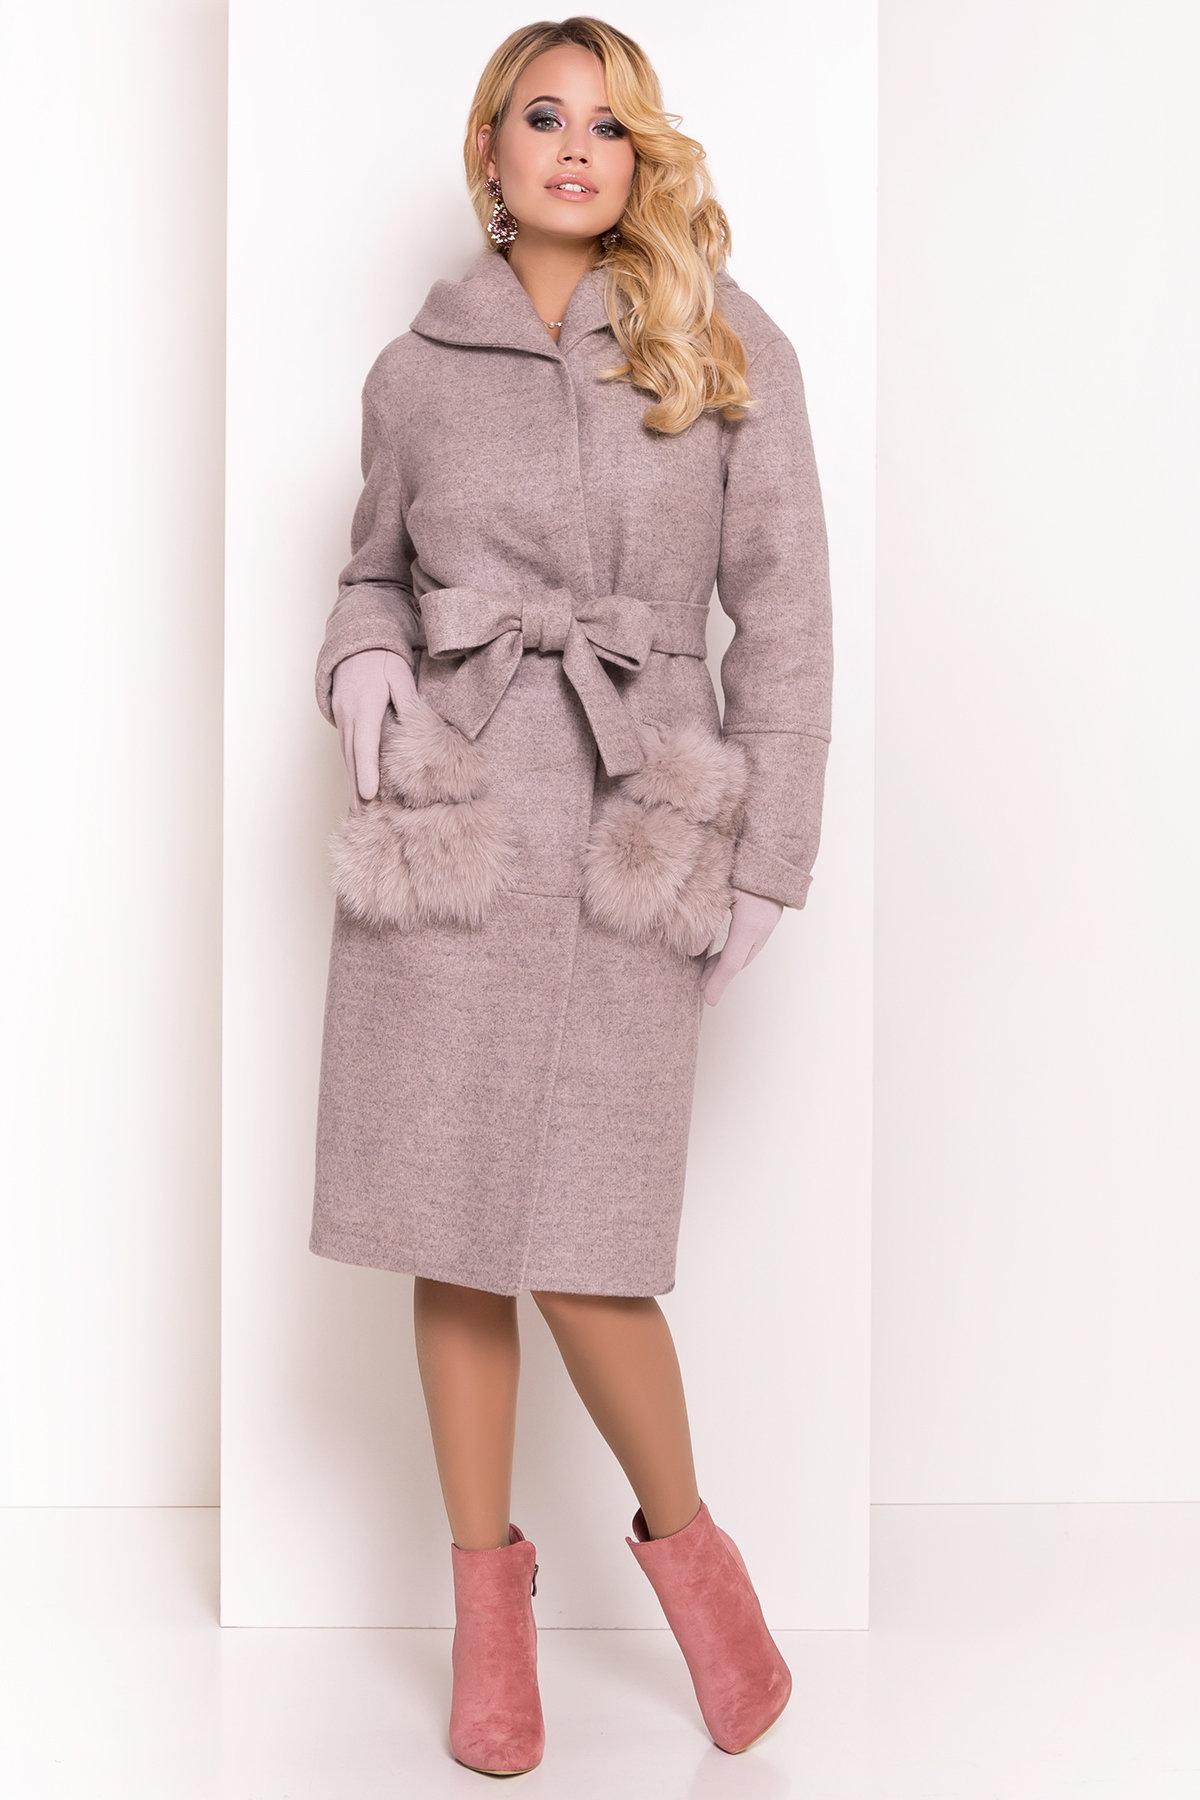 Зимние пальто женское от TM Modus Пальто зима  Анита 4120